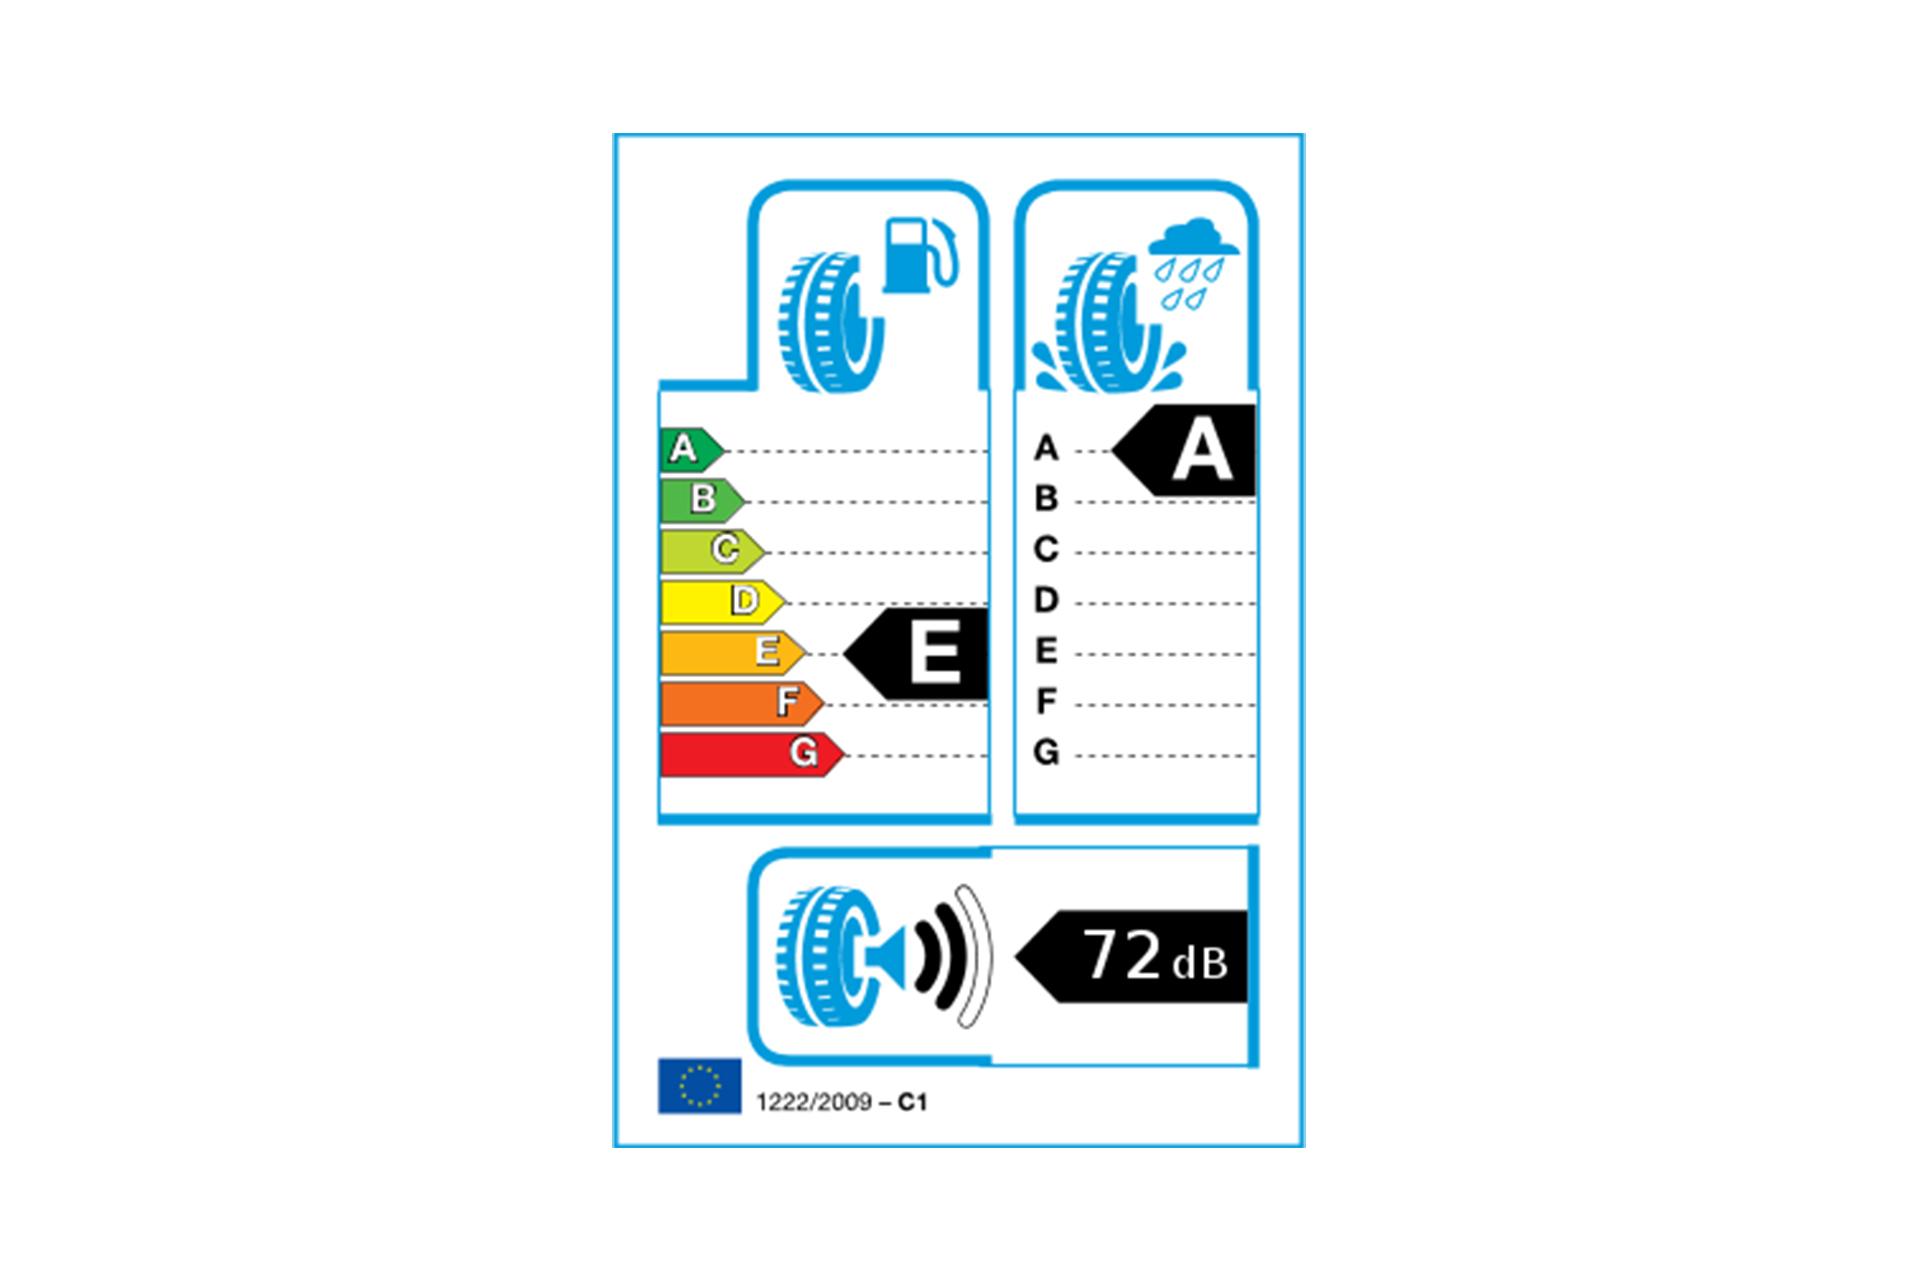 Foto: EU-Reifenlabel für Michelin Pilot Sport 4S 235/35 ZR 20 96 Y